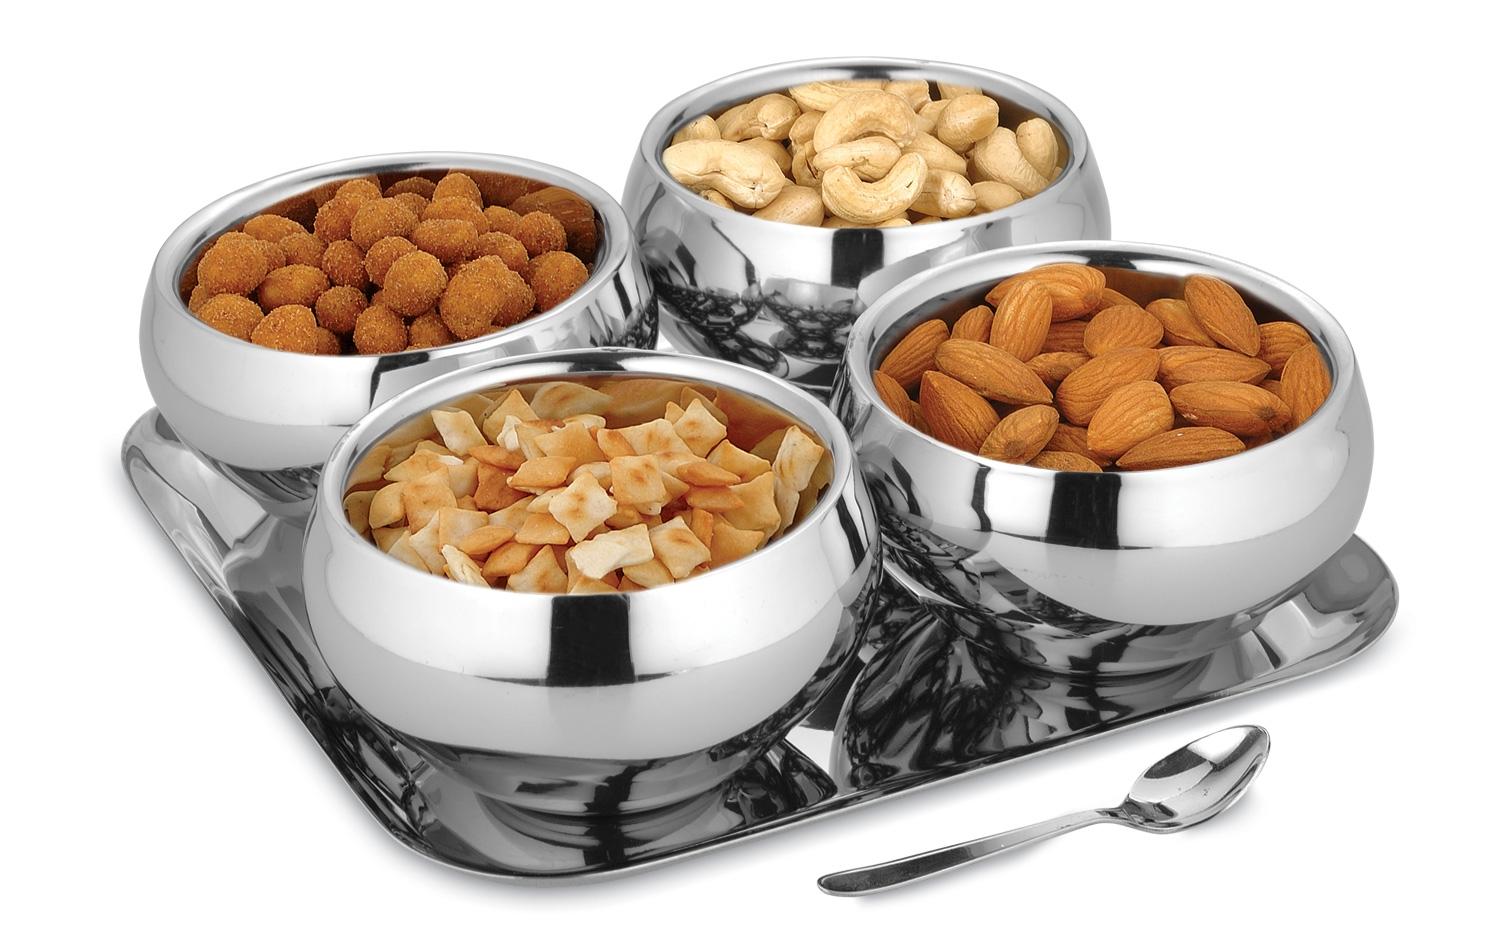 Round snack serving set